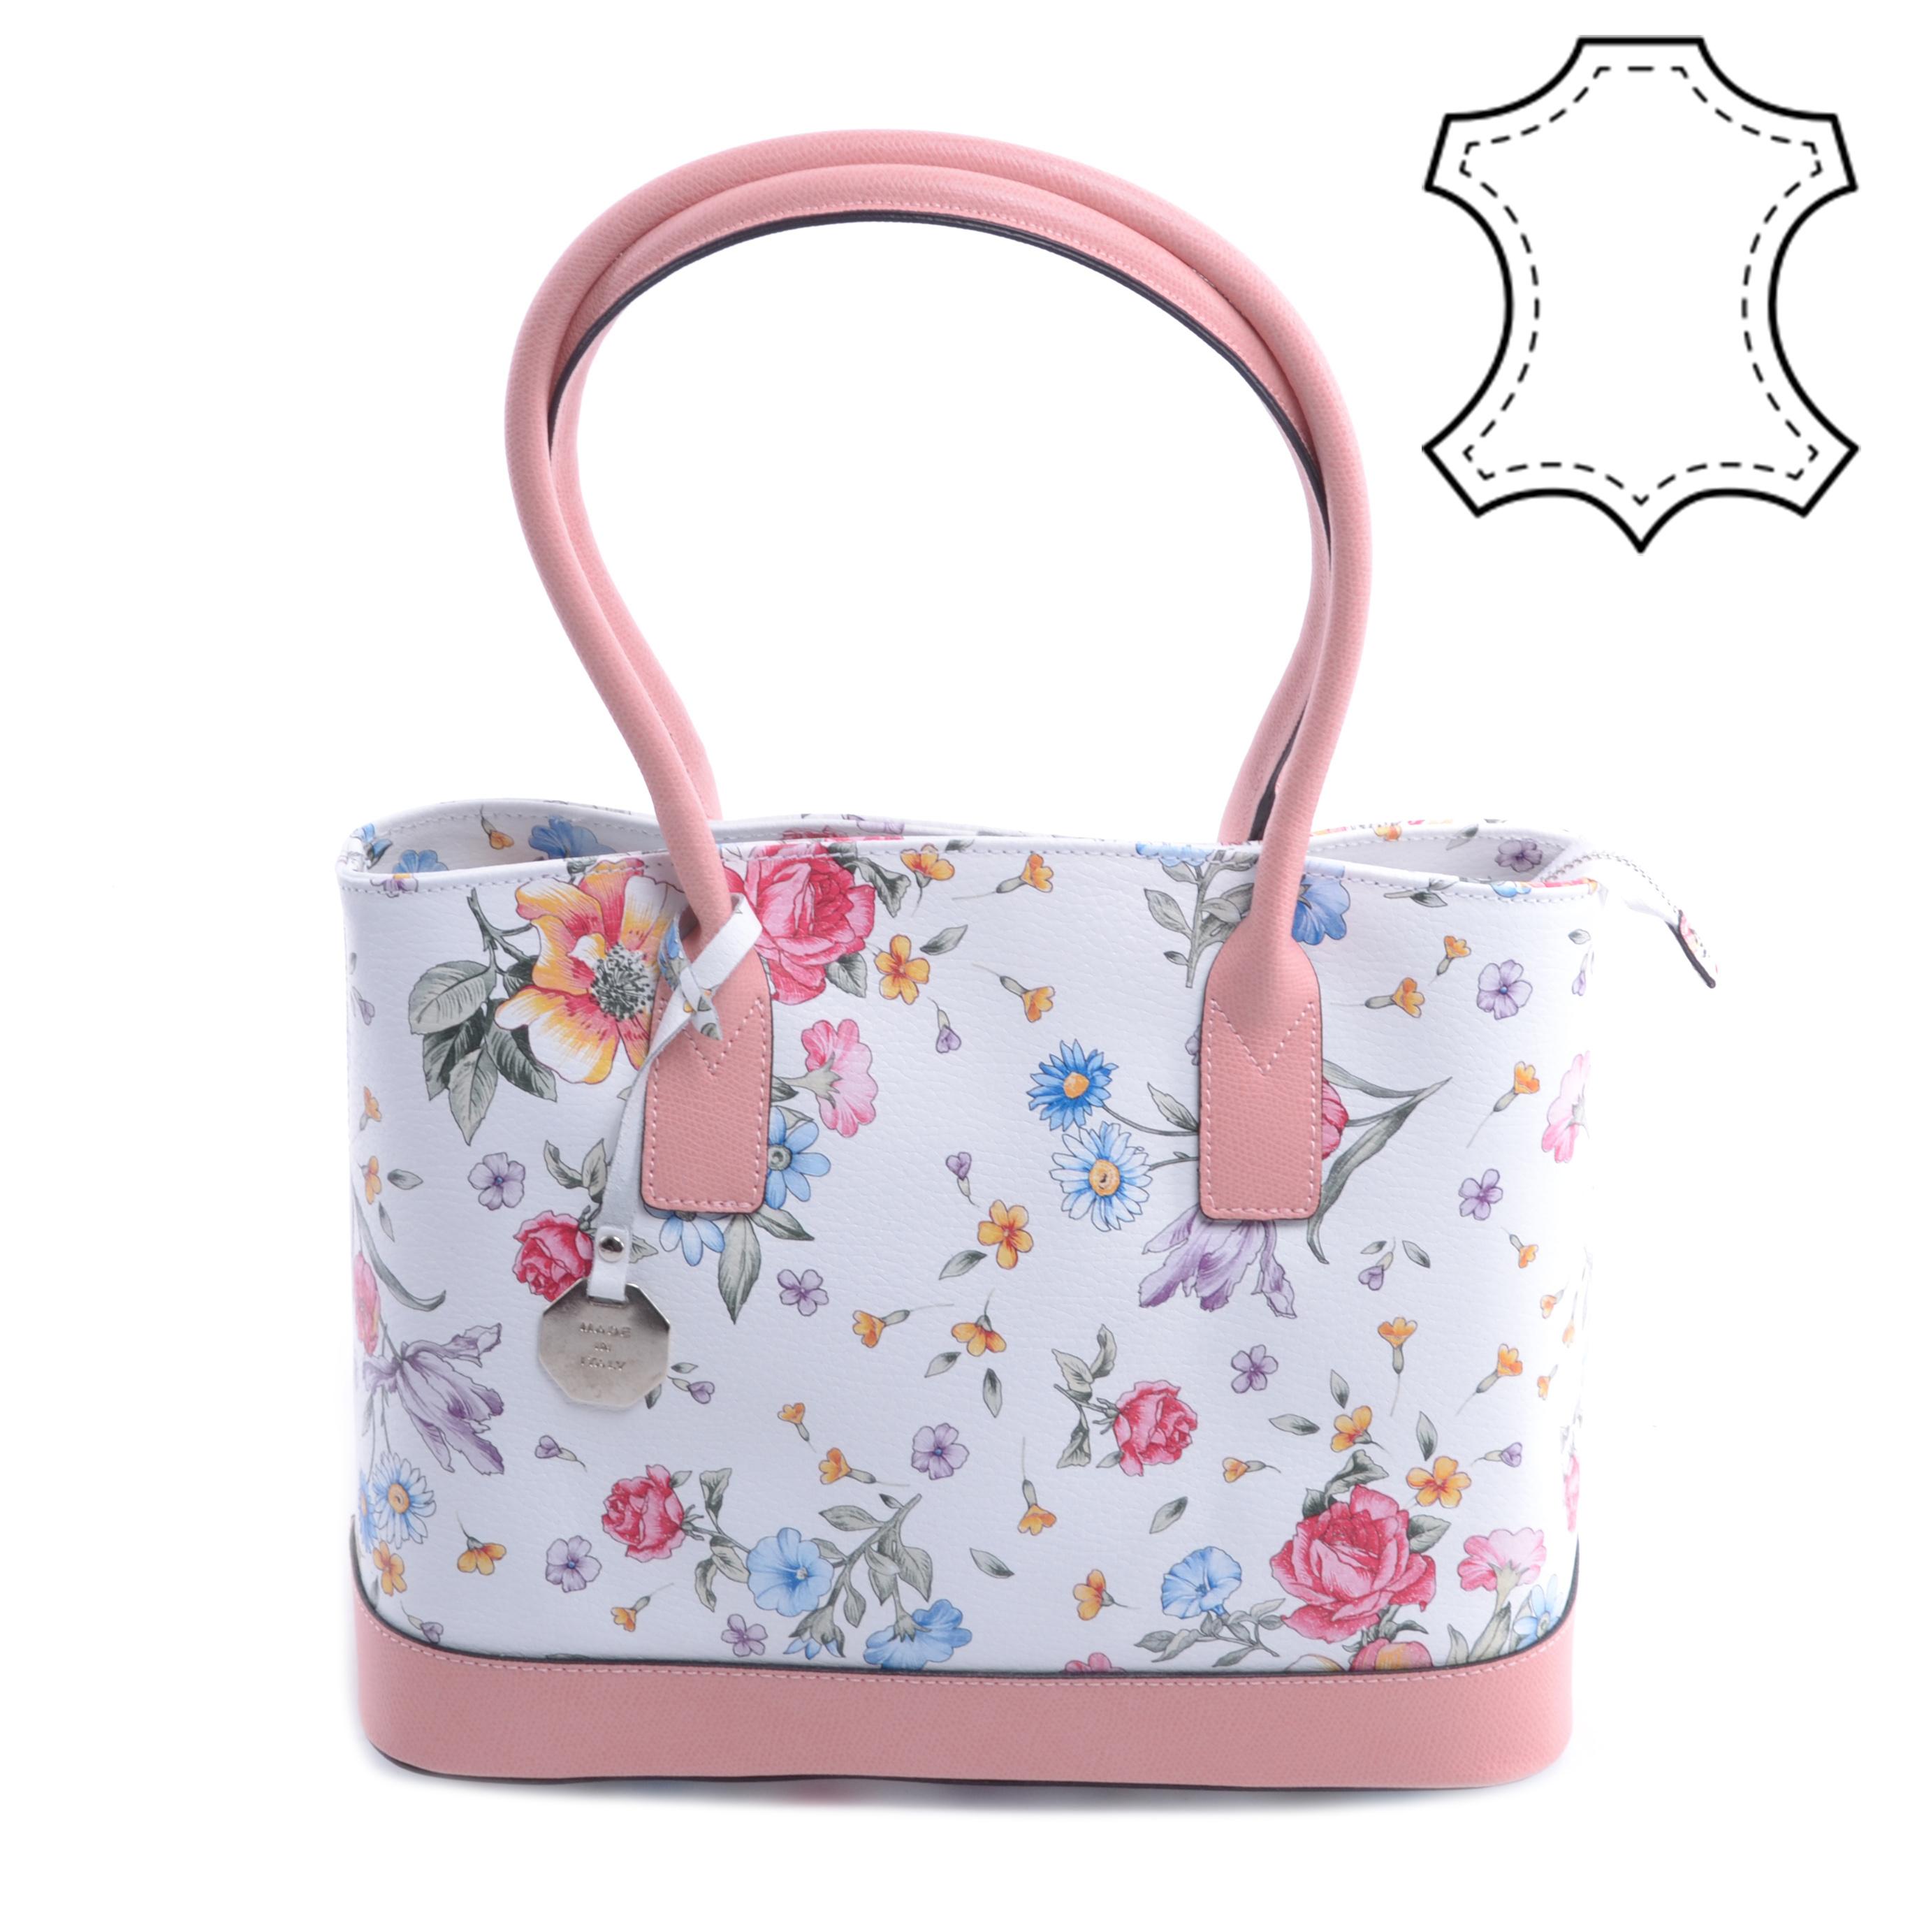 ab9cc35270ac Virág Mintás Valódi Bőr Oldaltáska - Válltáskák - Táska webáruház -  Minőségi táskák mindenkinek